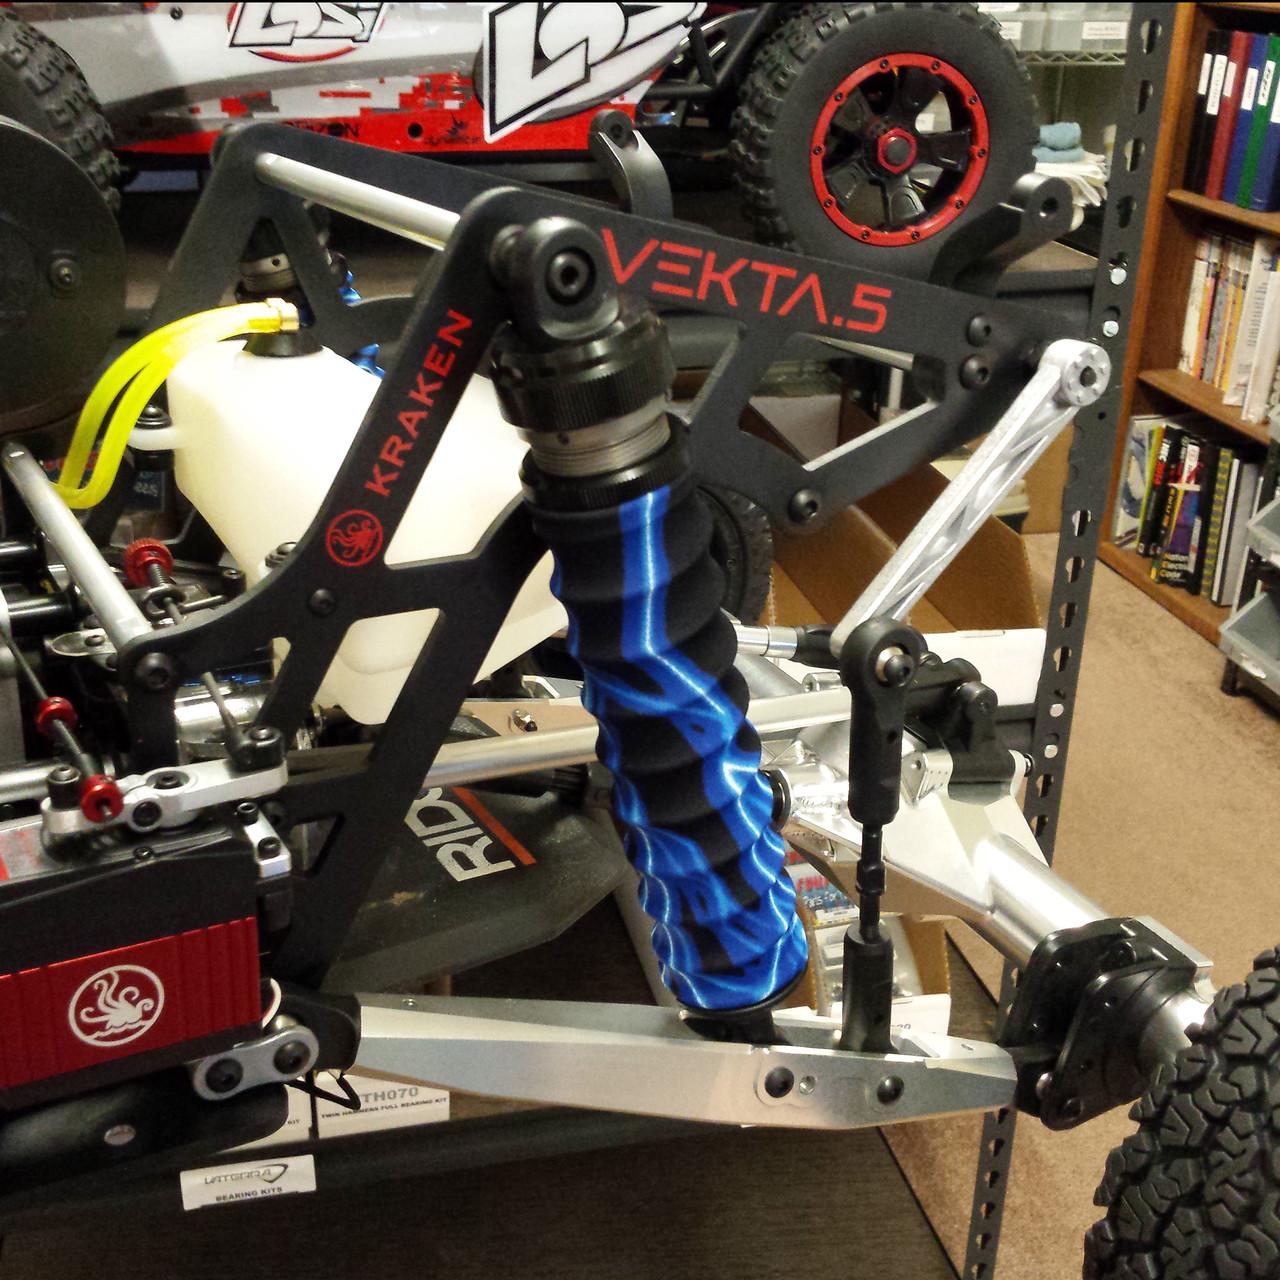 Lightning Blue Shock covers mounted on the stock Vekta.5 Rear shocks.